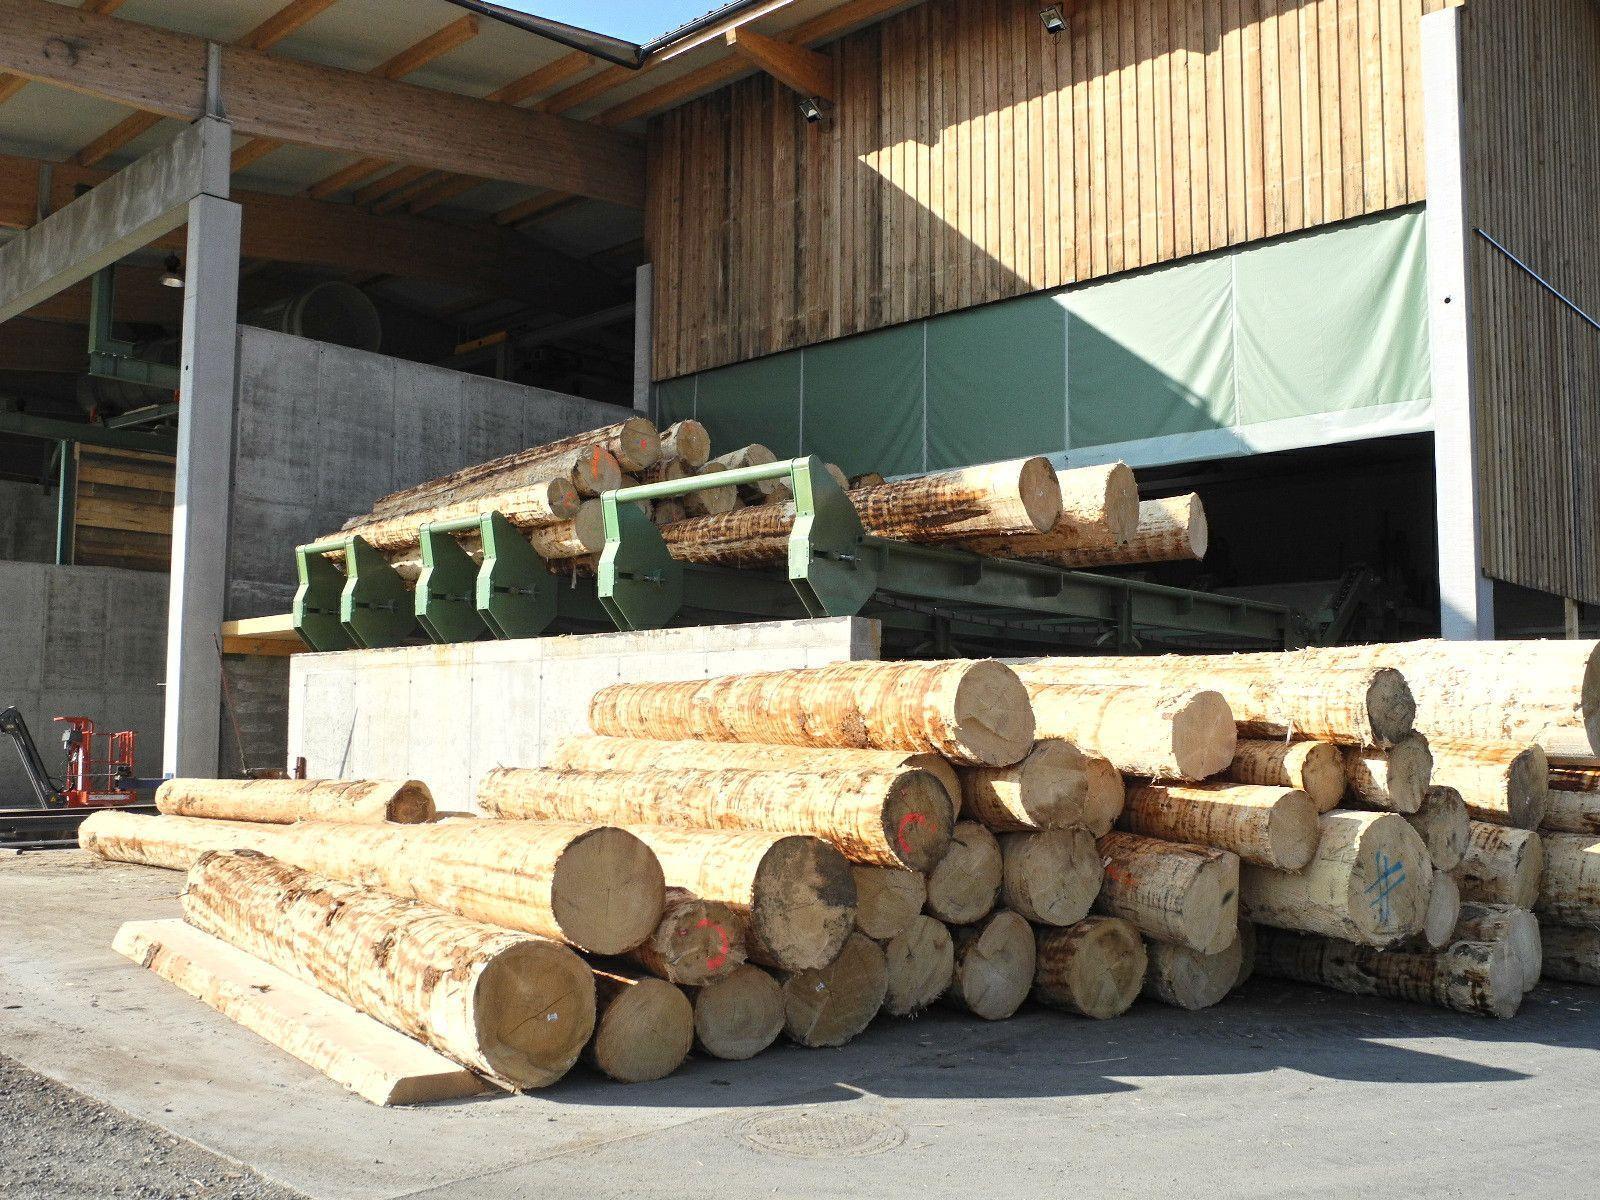 Im Vollbetrieb werden täglich rund 100 Festmeter, 80 bis 100 Starkholzstämme, verarbeitet.